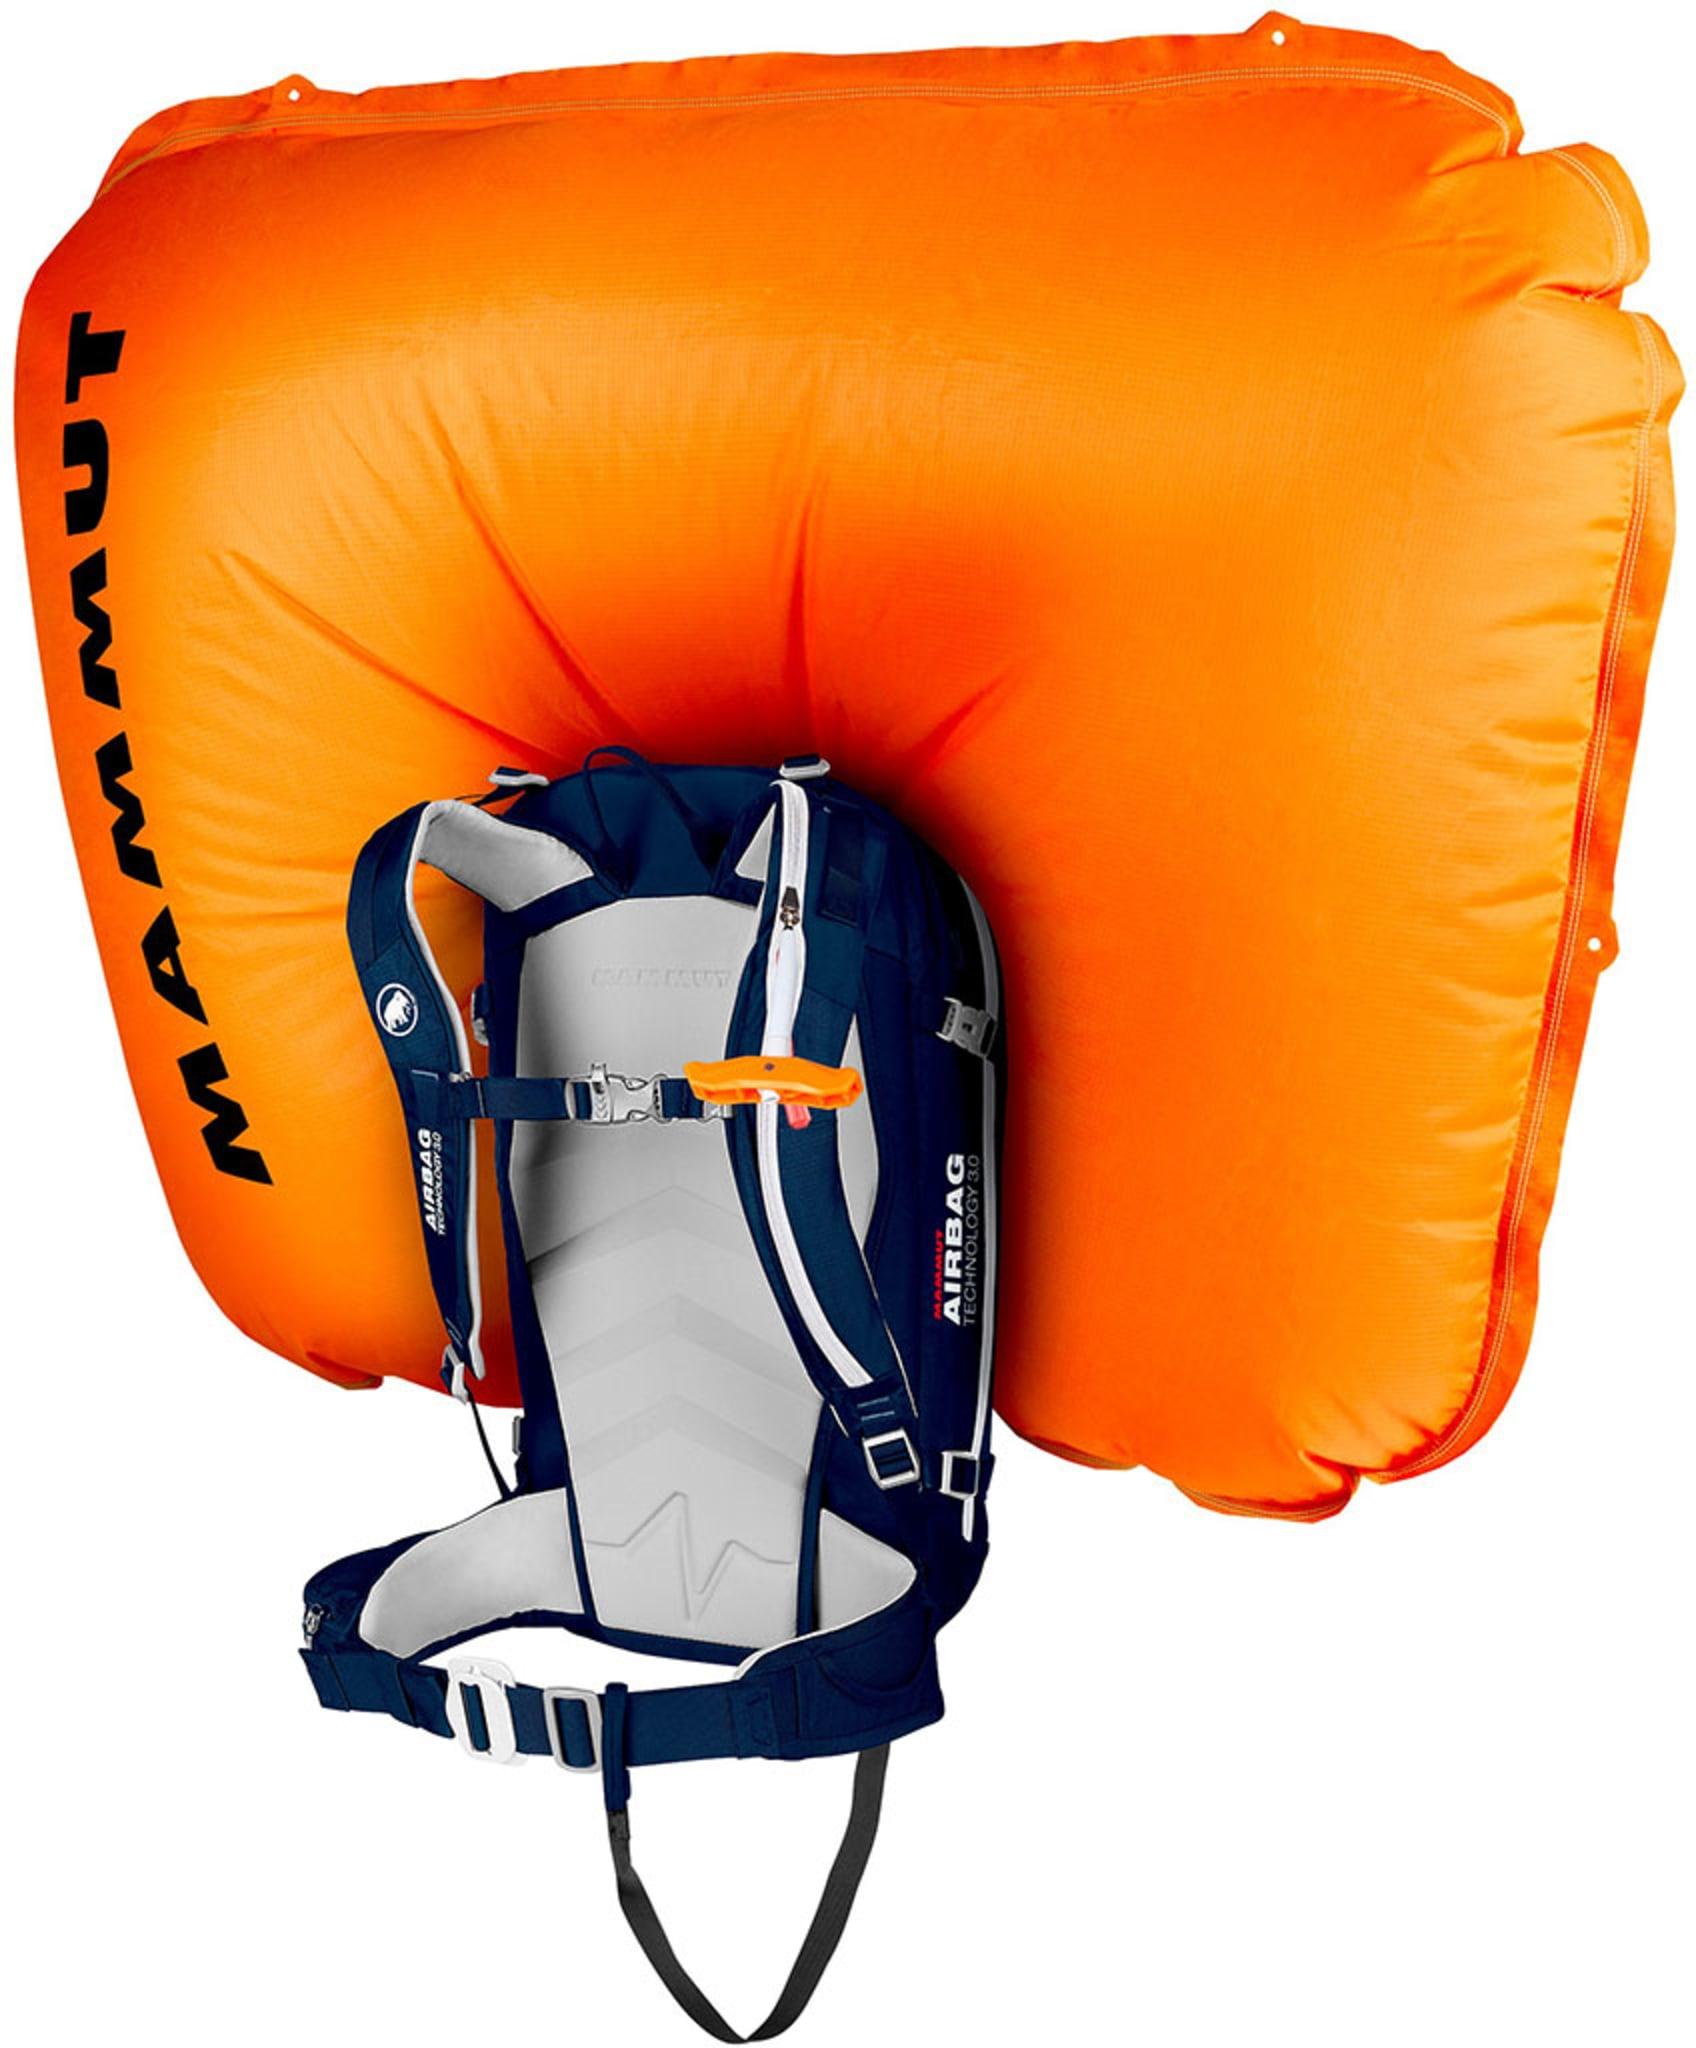 Ballongsekk for bruk i skianlegg og på topptur